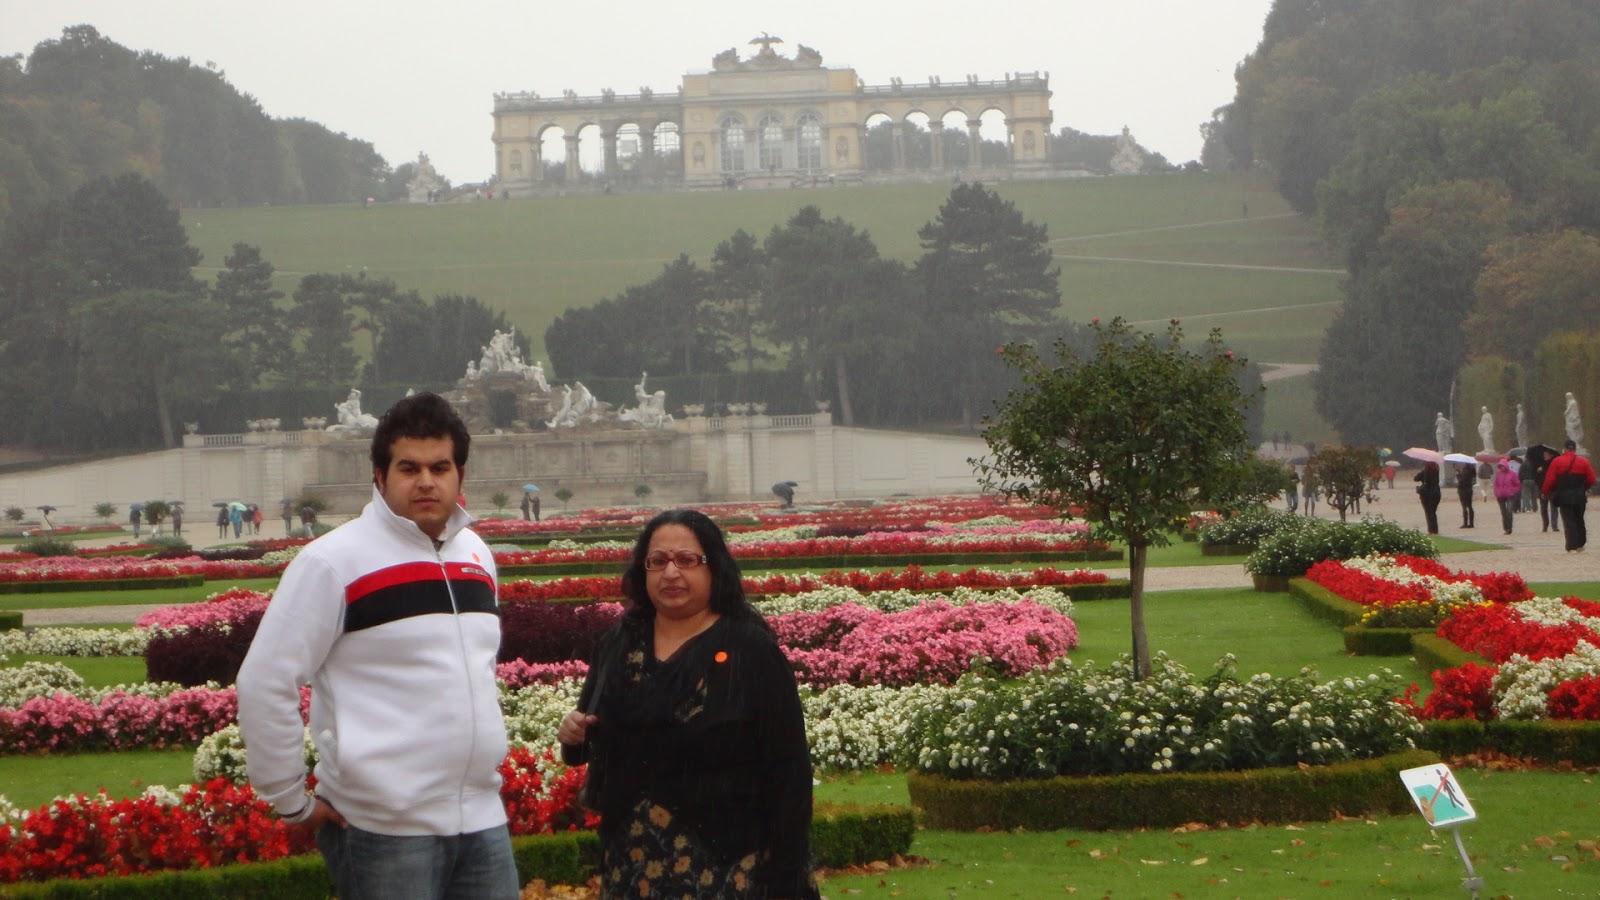 Schnonbrun Palace Gardens,Vienna Austria